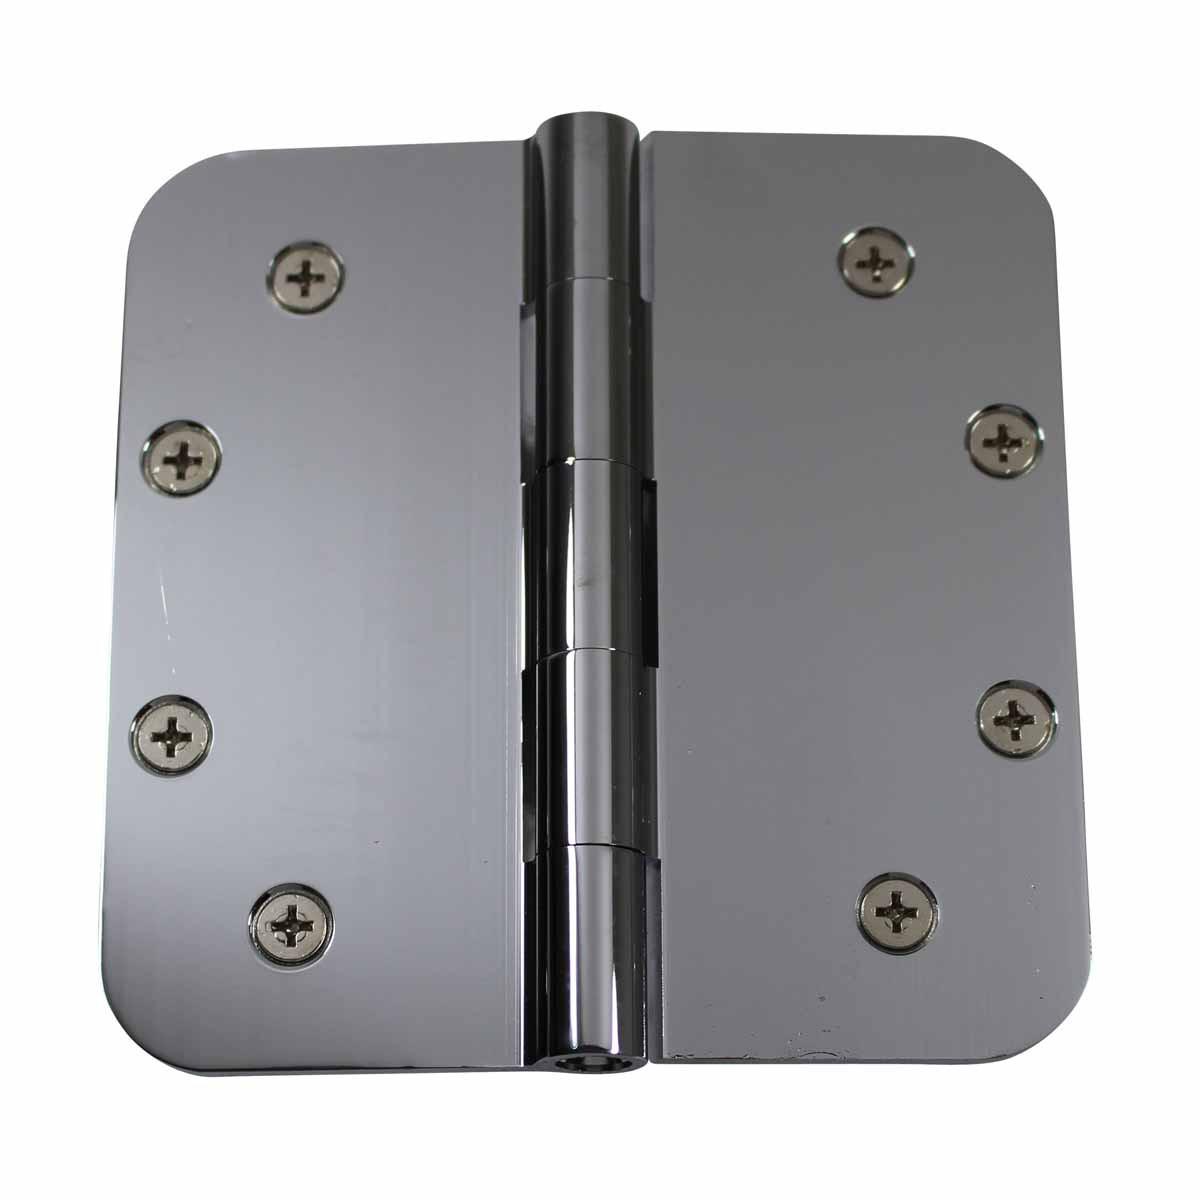 Door Hinges Bright Chrome Radius 5 x 5 Door Hinges Door Hinge Solid Brass Hinge